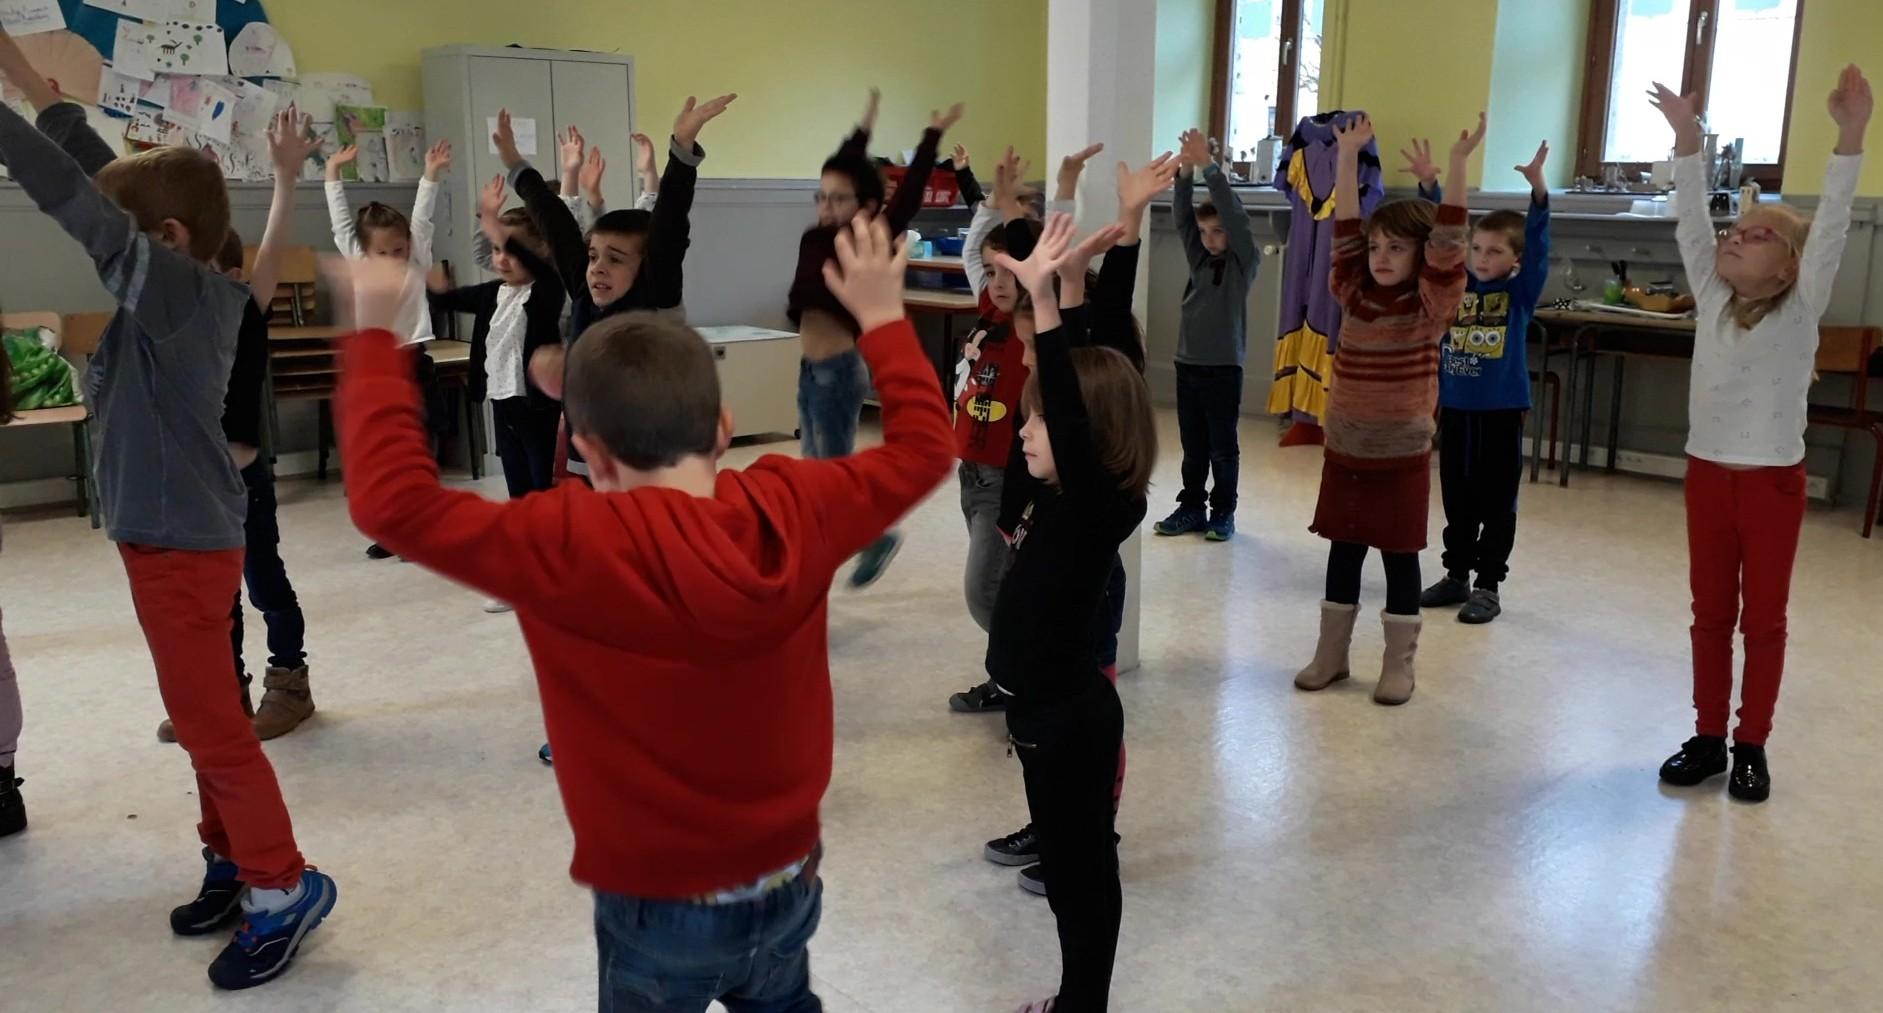 Residence drac st hippolyte 18 19 duende flamenco danser ses emotions ce2 cm1 8